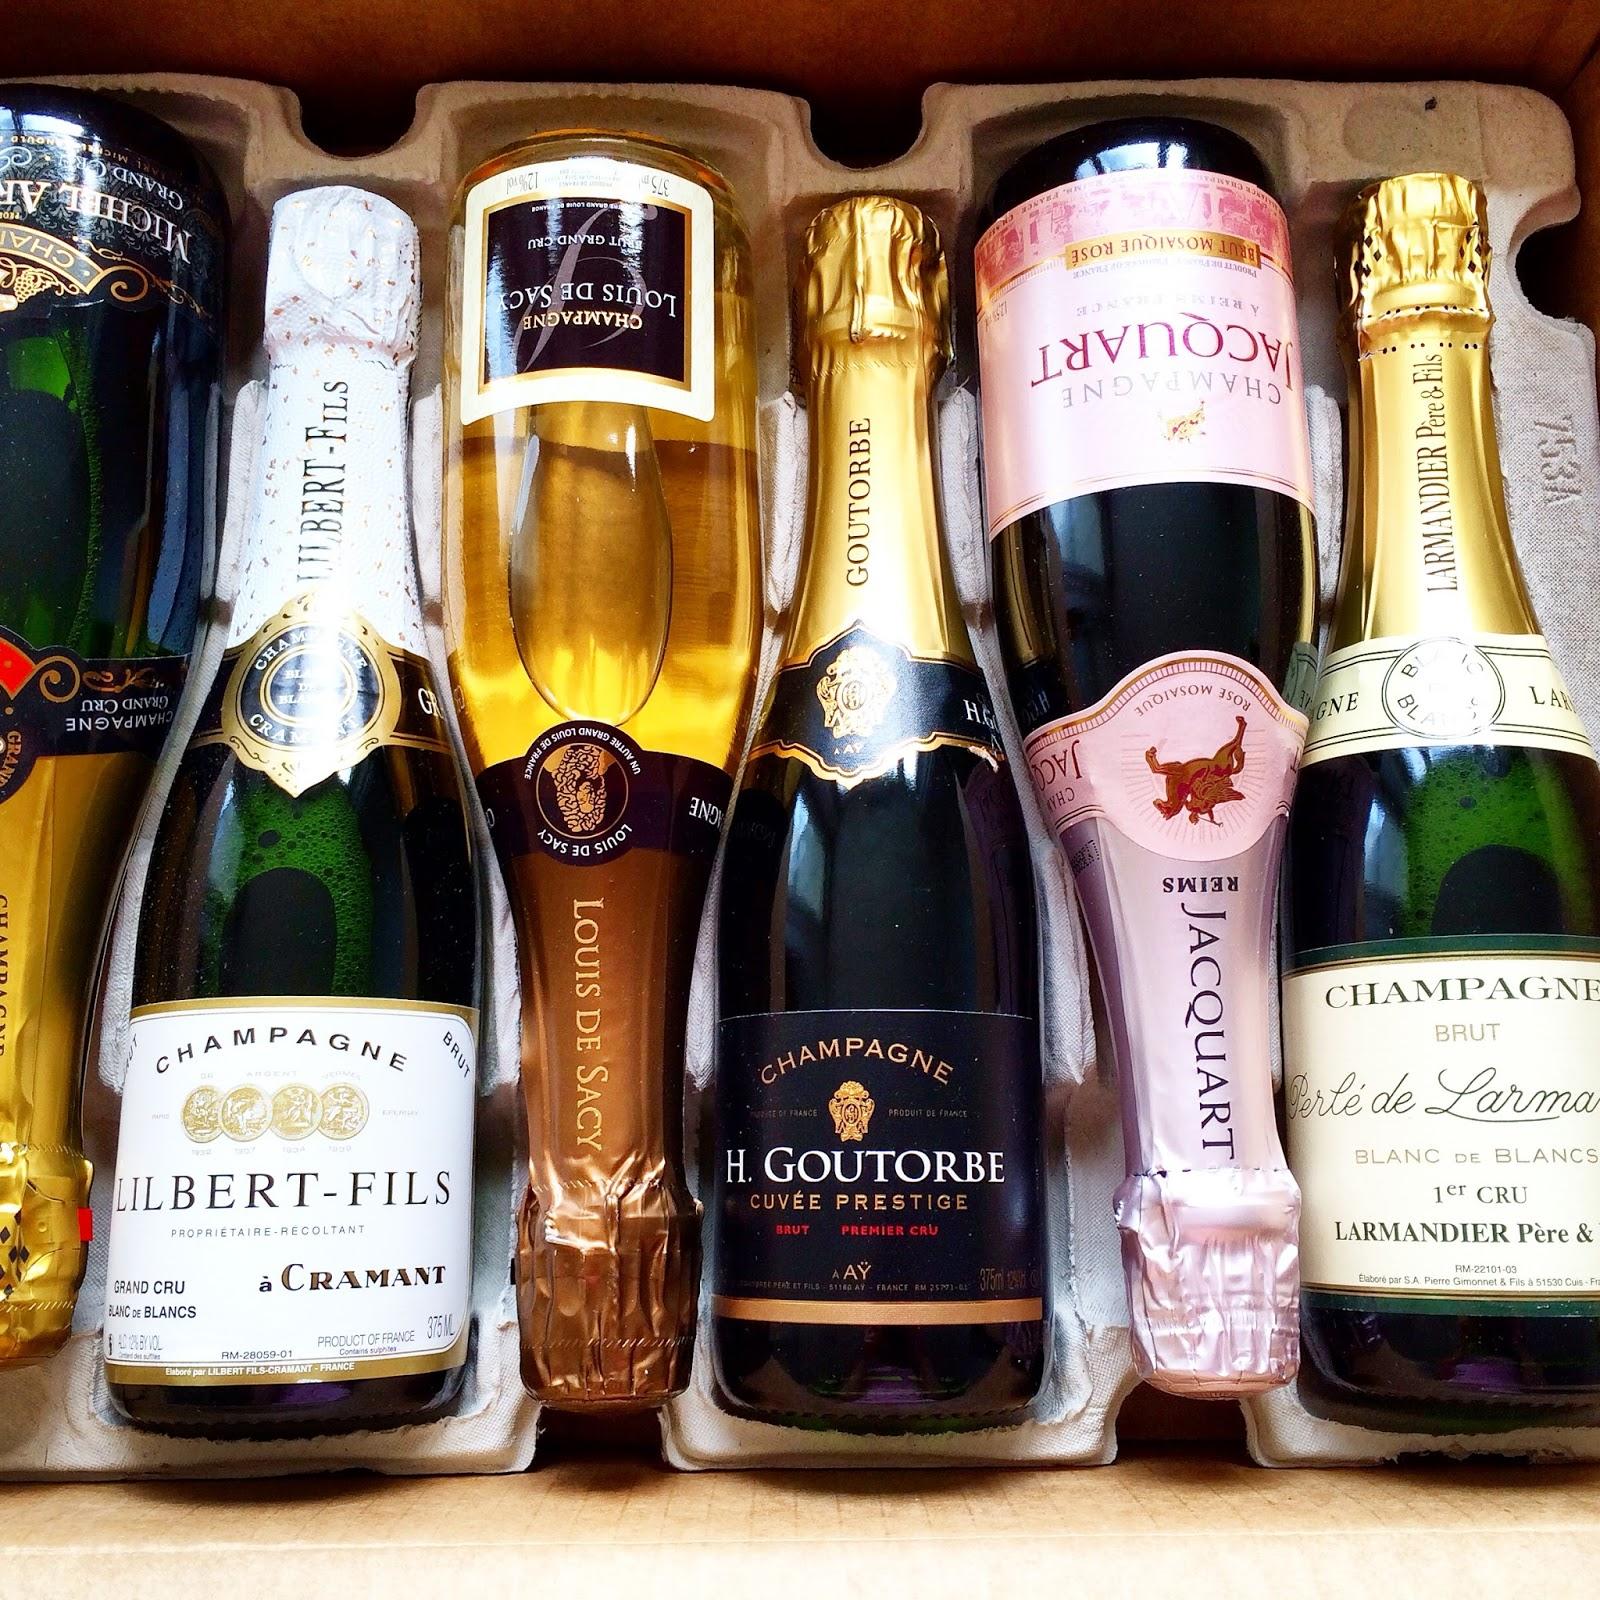 Blir lite mindre champagne i kvall